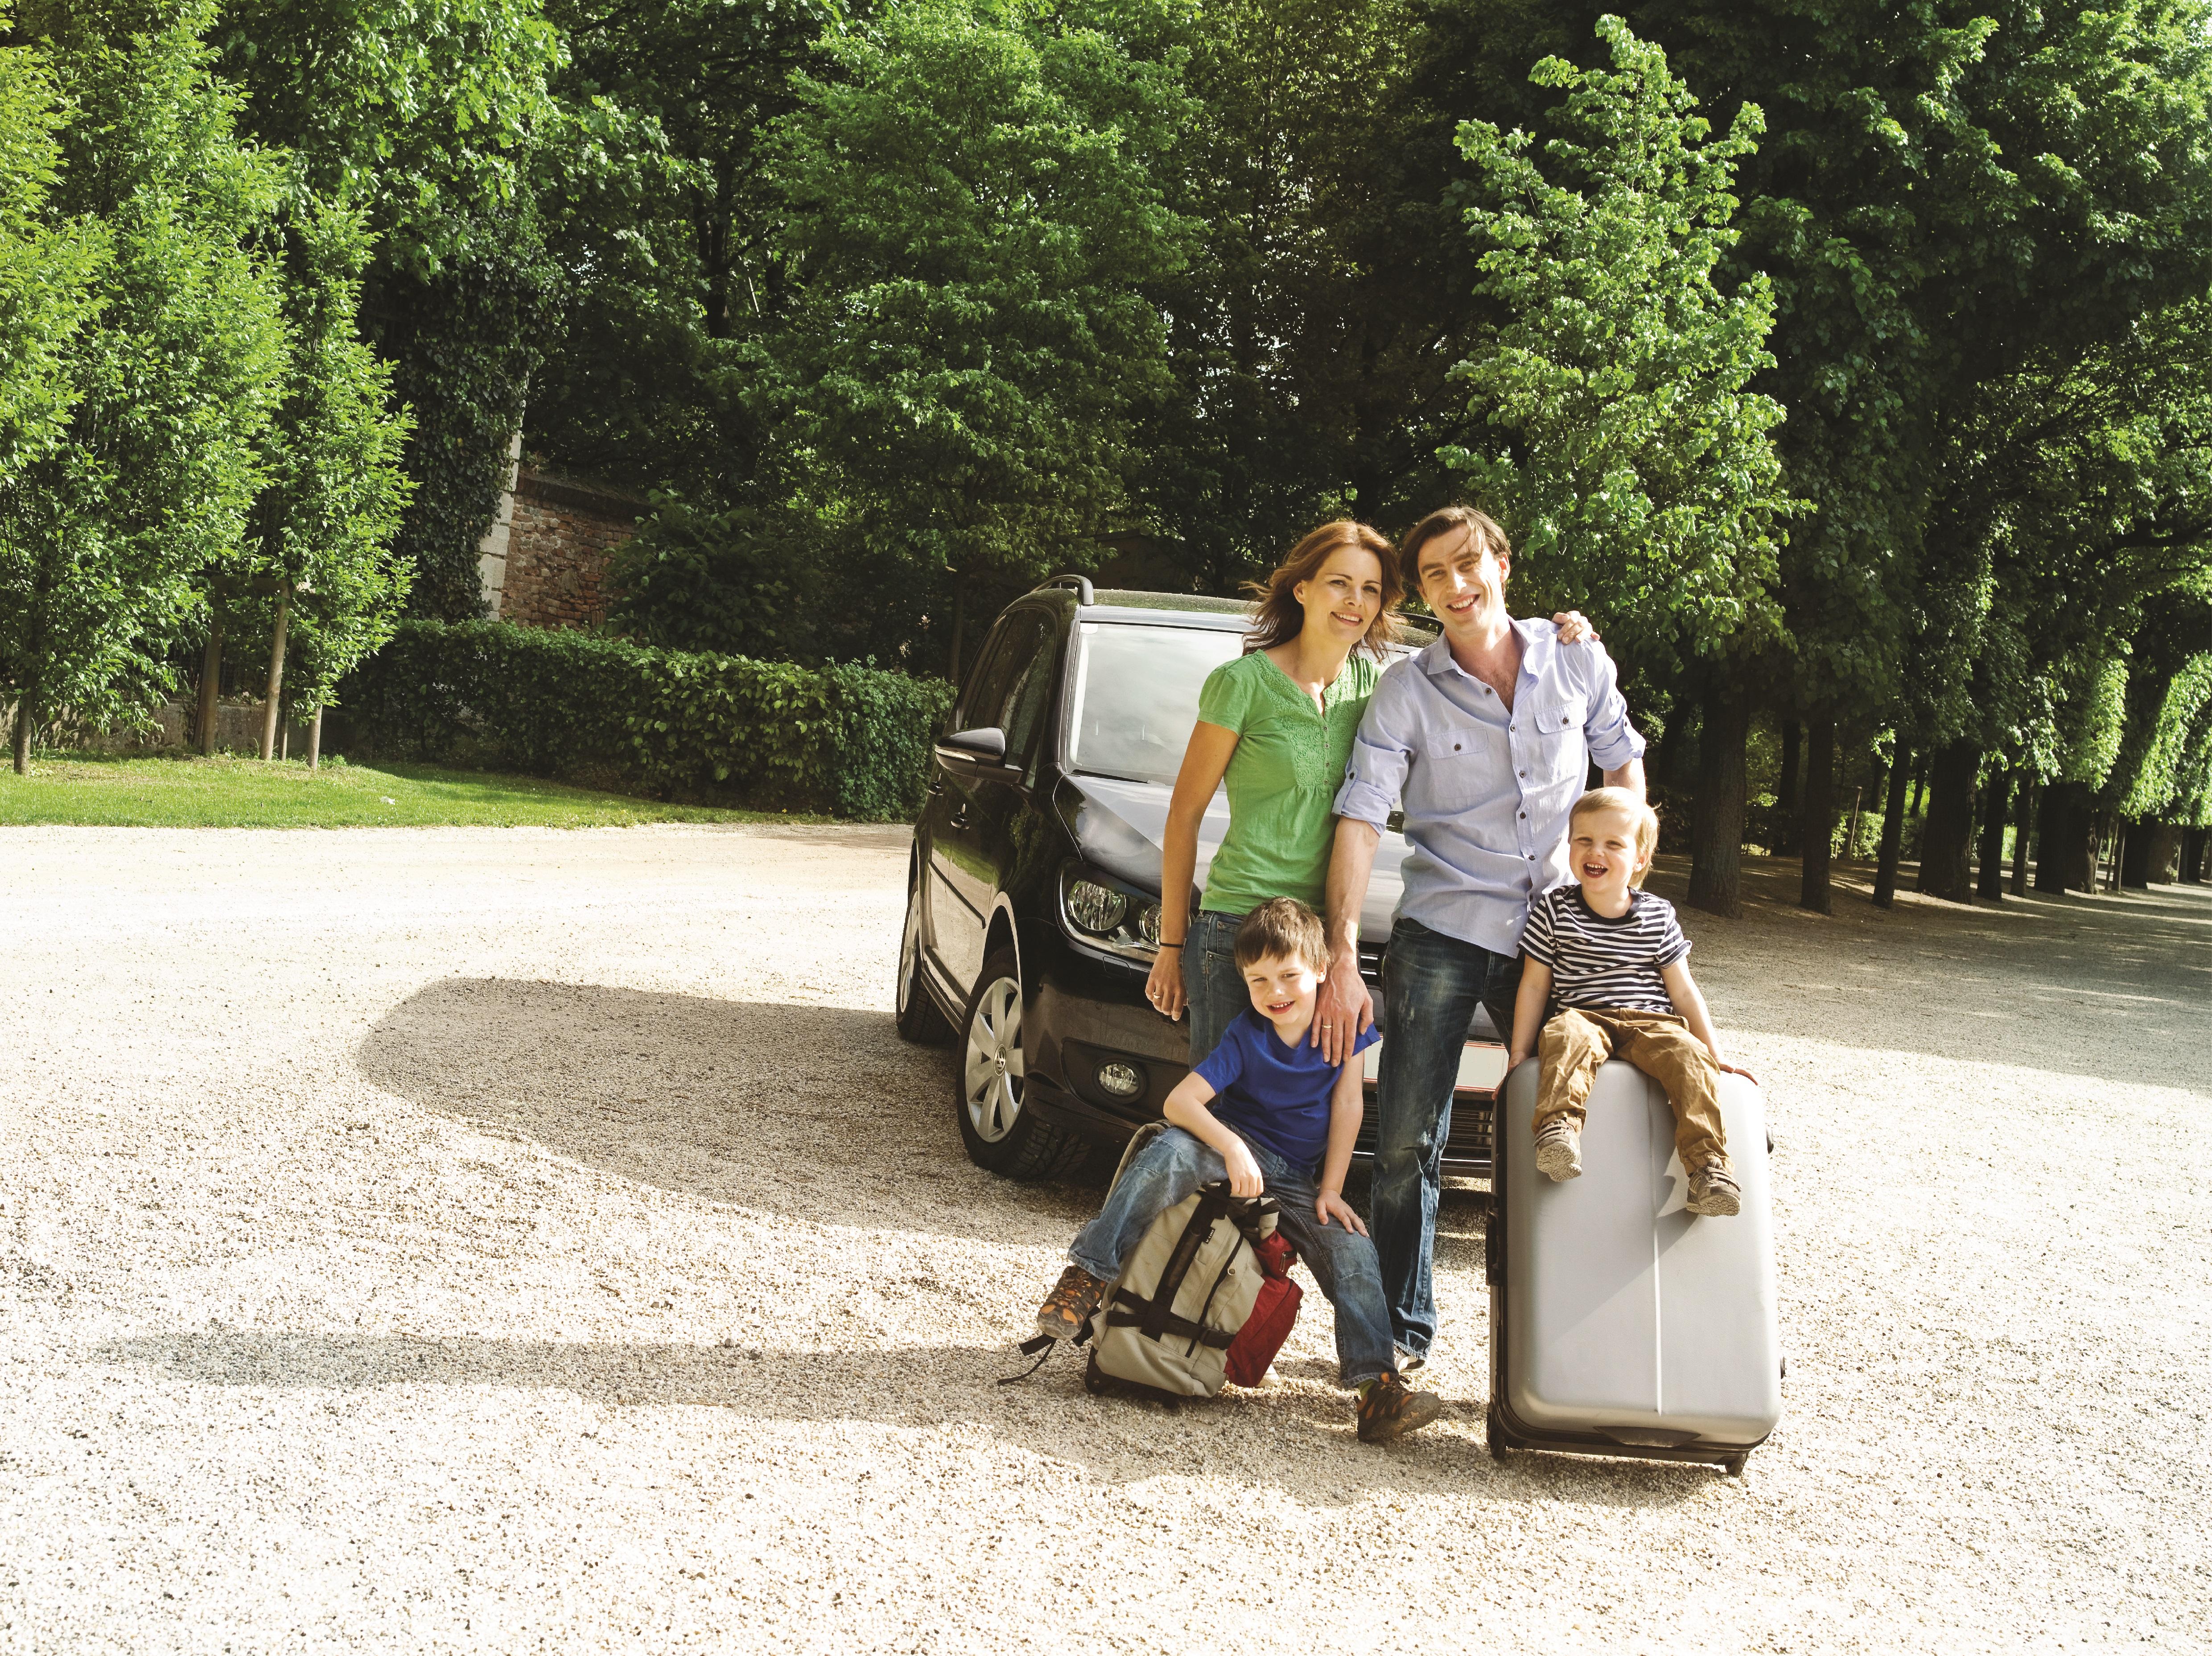 Četveročlana porodica, otac i majka u četrdesetim godinama i dvojica sinova, jedan otprilike trogodišnjak, a drugi otprilike šestogodišnjak stoje ispred parkiranog automobila. Dječaci sjede na putnim koferima i nasmijani su, roditelji se nalaze iza njih, a ispred automobila i majka je zagrila oca.